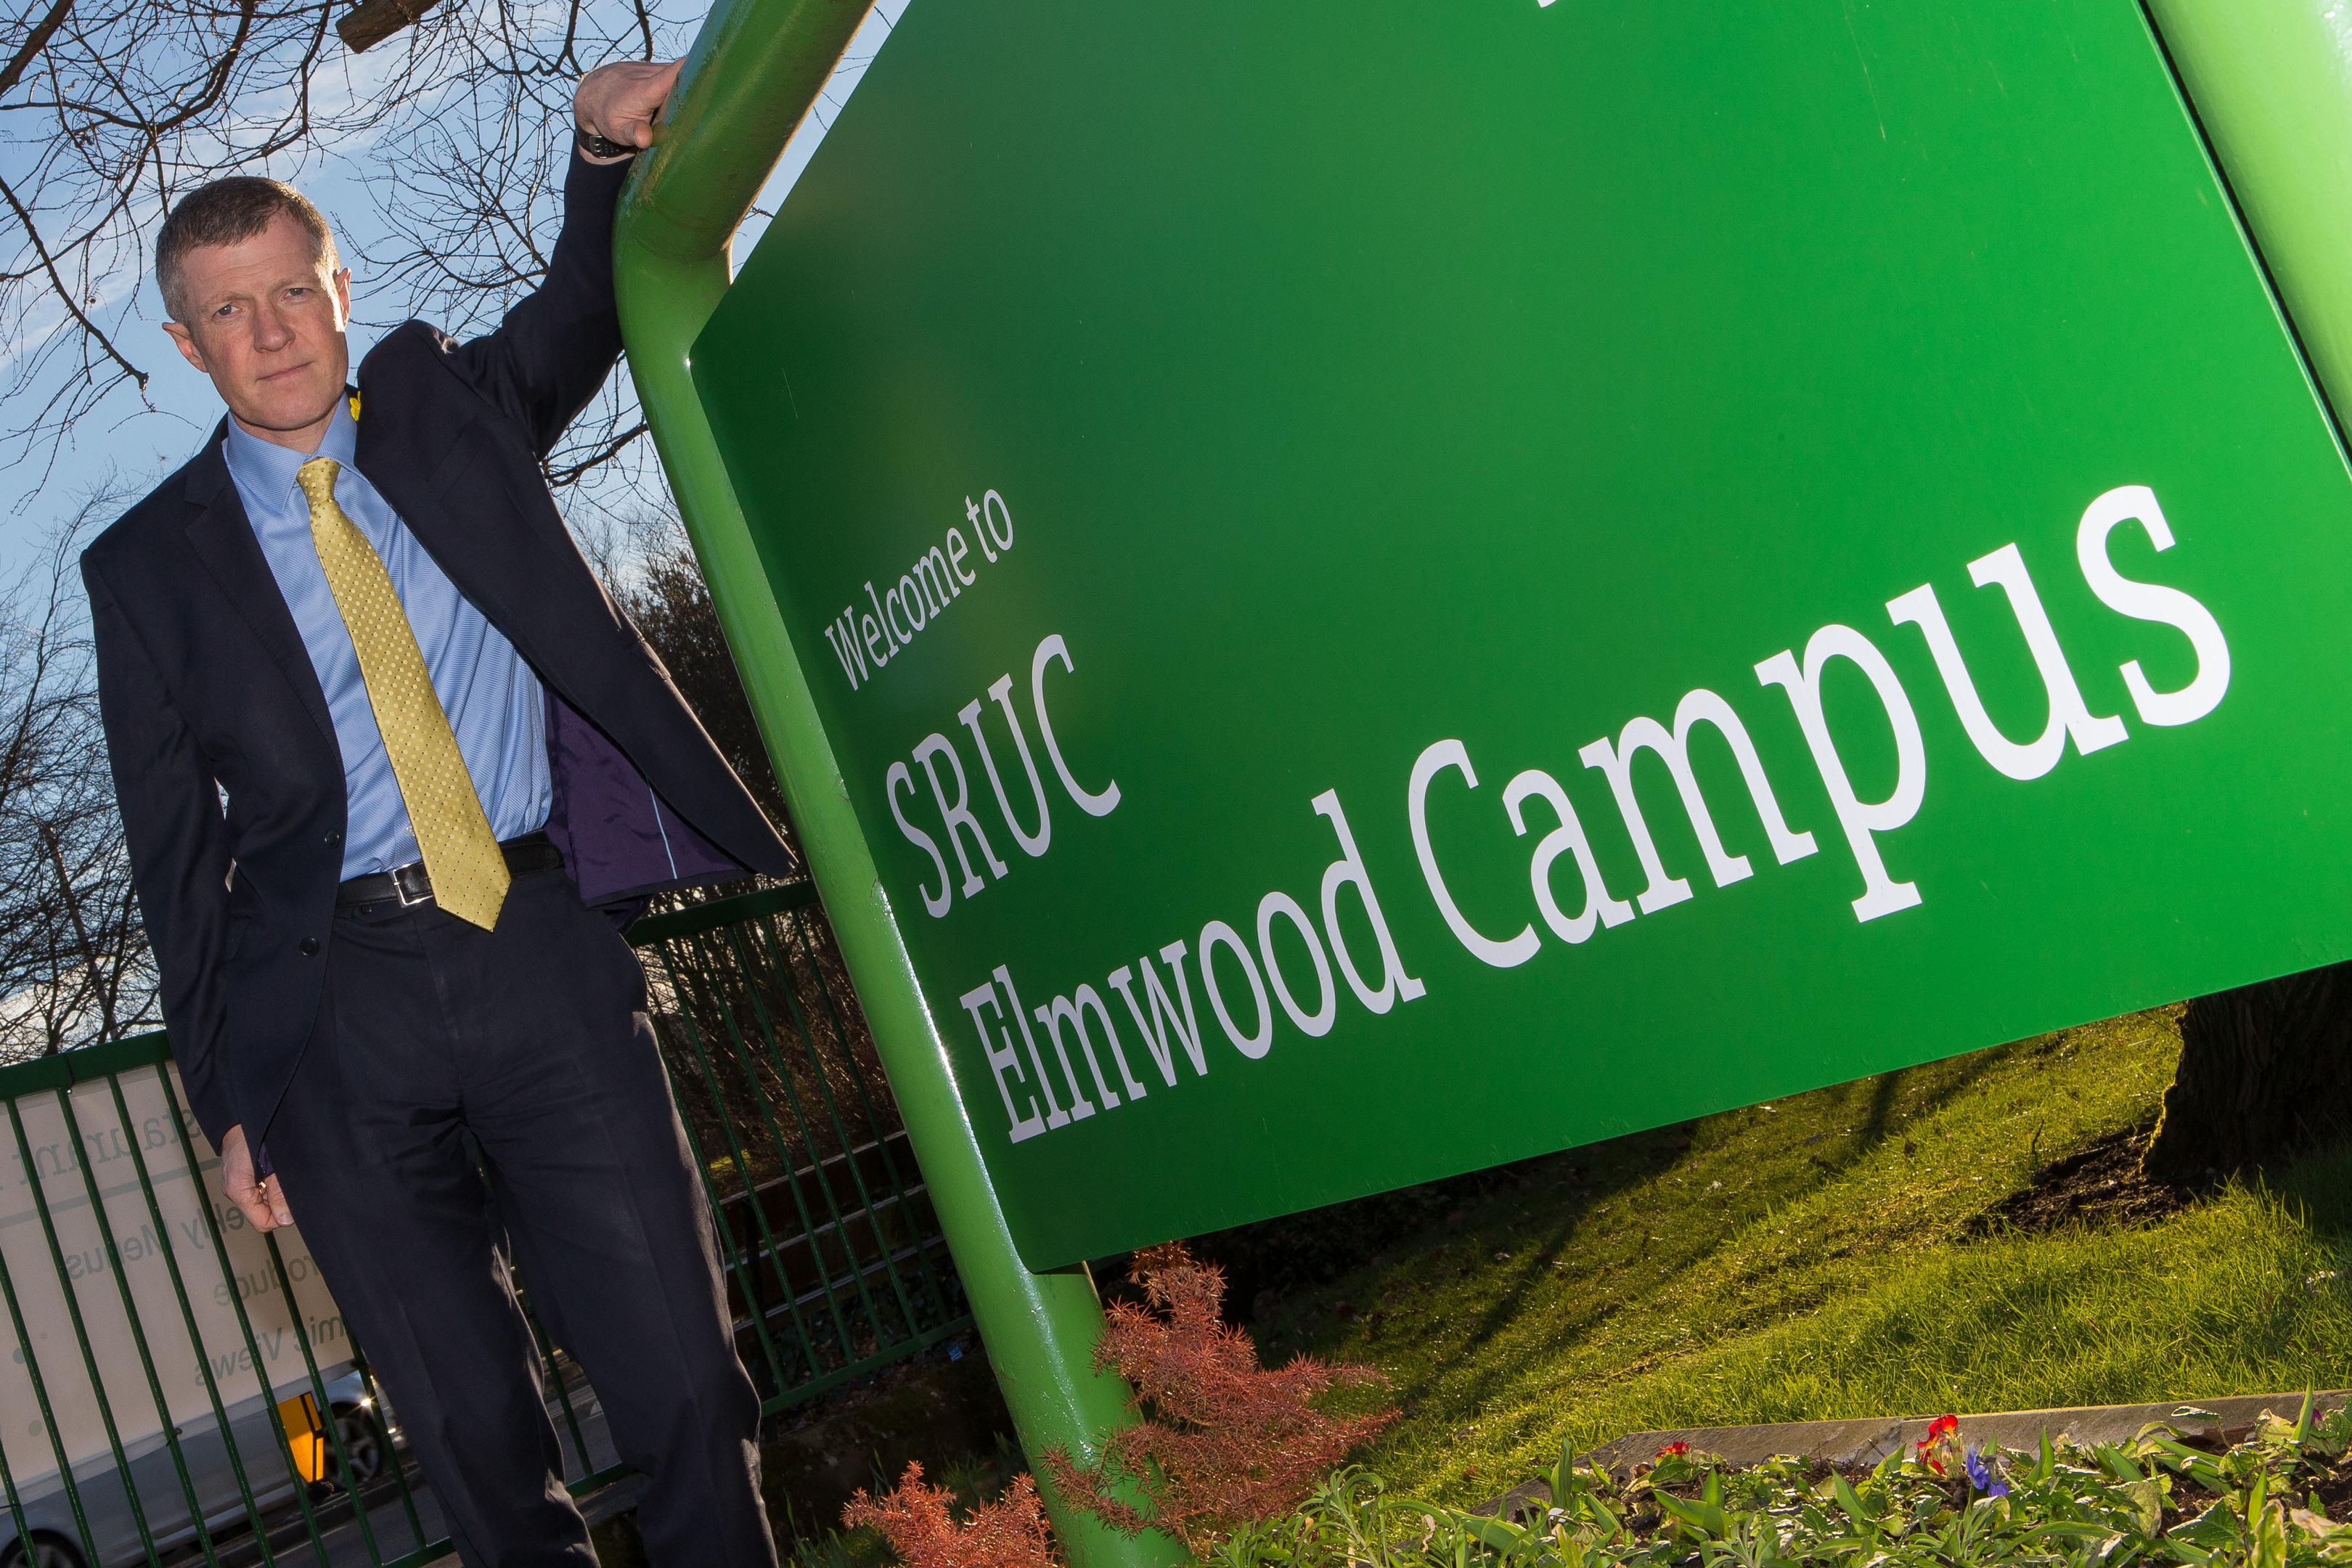 MSP Willie Rennie at Elmwood Campus